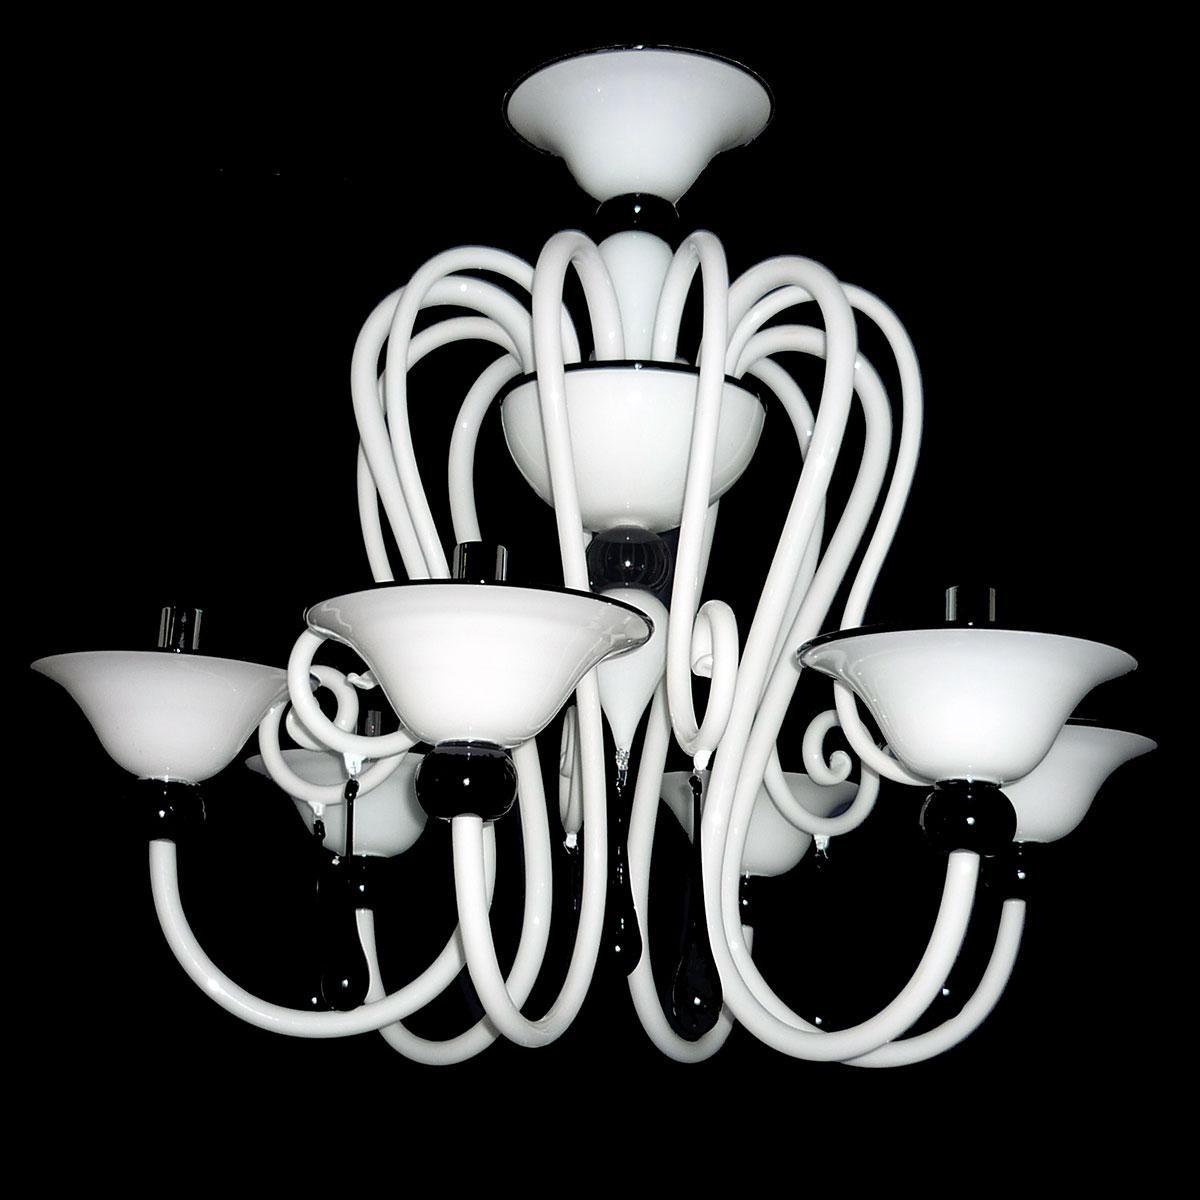 """""""Serpico"""" lampara de araña de Murano - 6 luces - blanco y negro"""